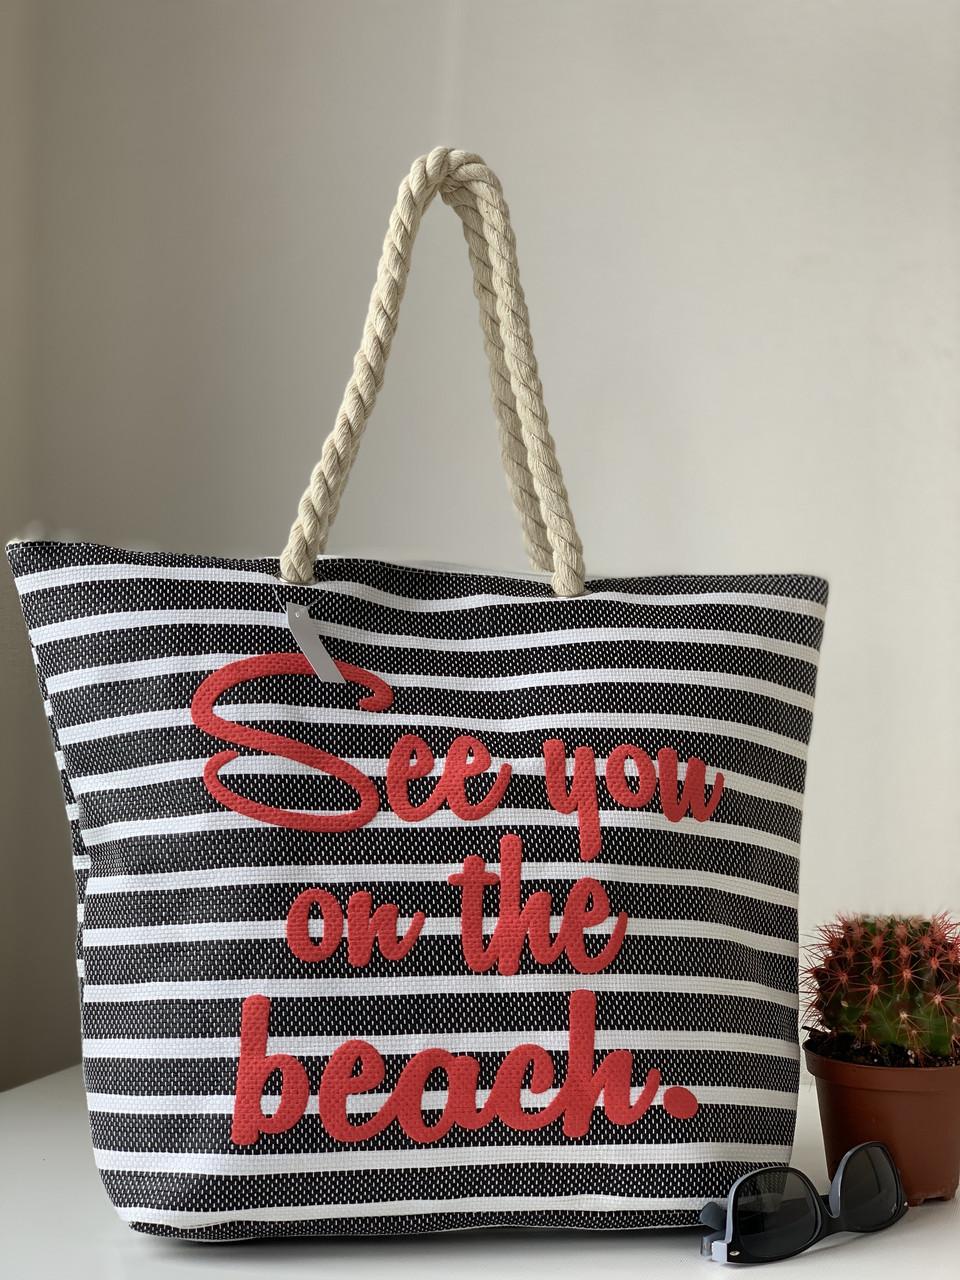 Пляжная молодежная тканевая сумка в черно-белую полоску с надписью